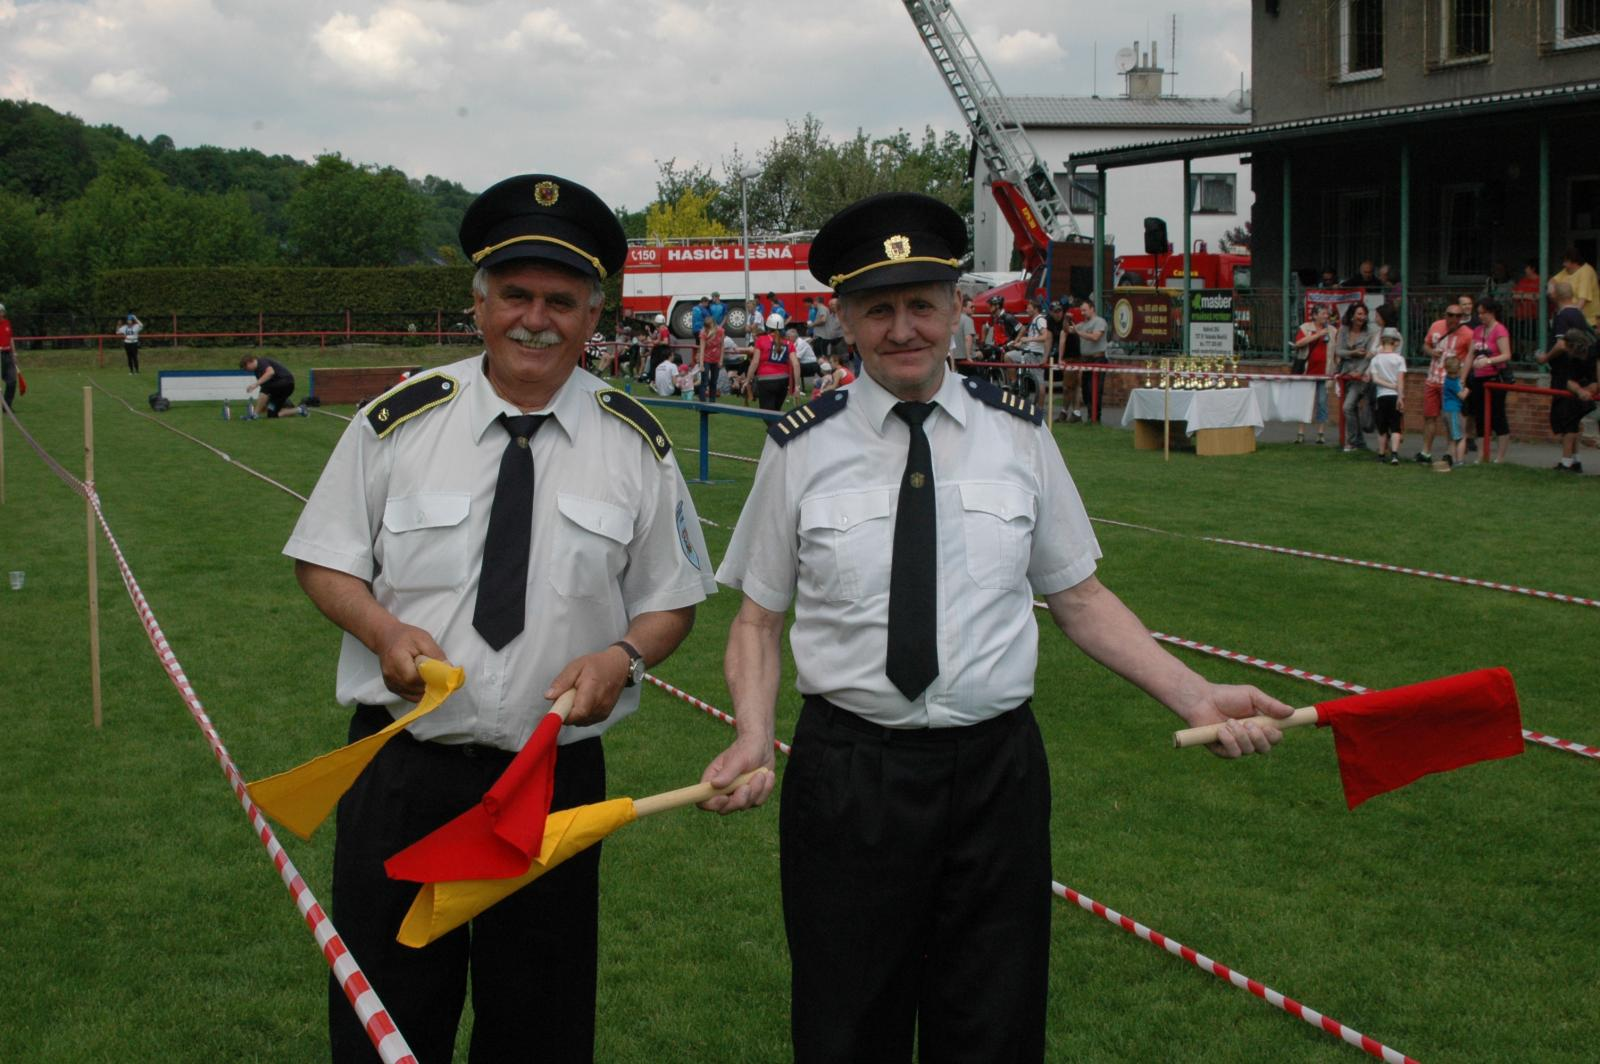 Obvodová soutěž v požárním sportu na hřišti TJ Juřinka